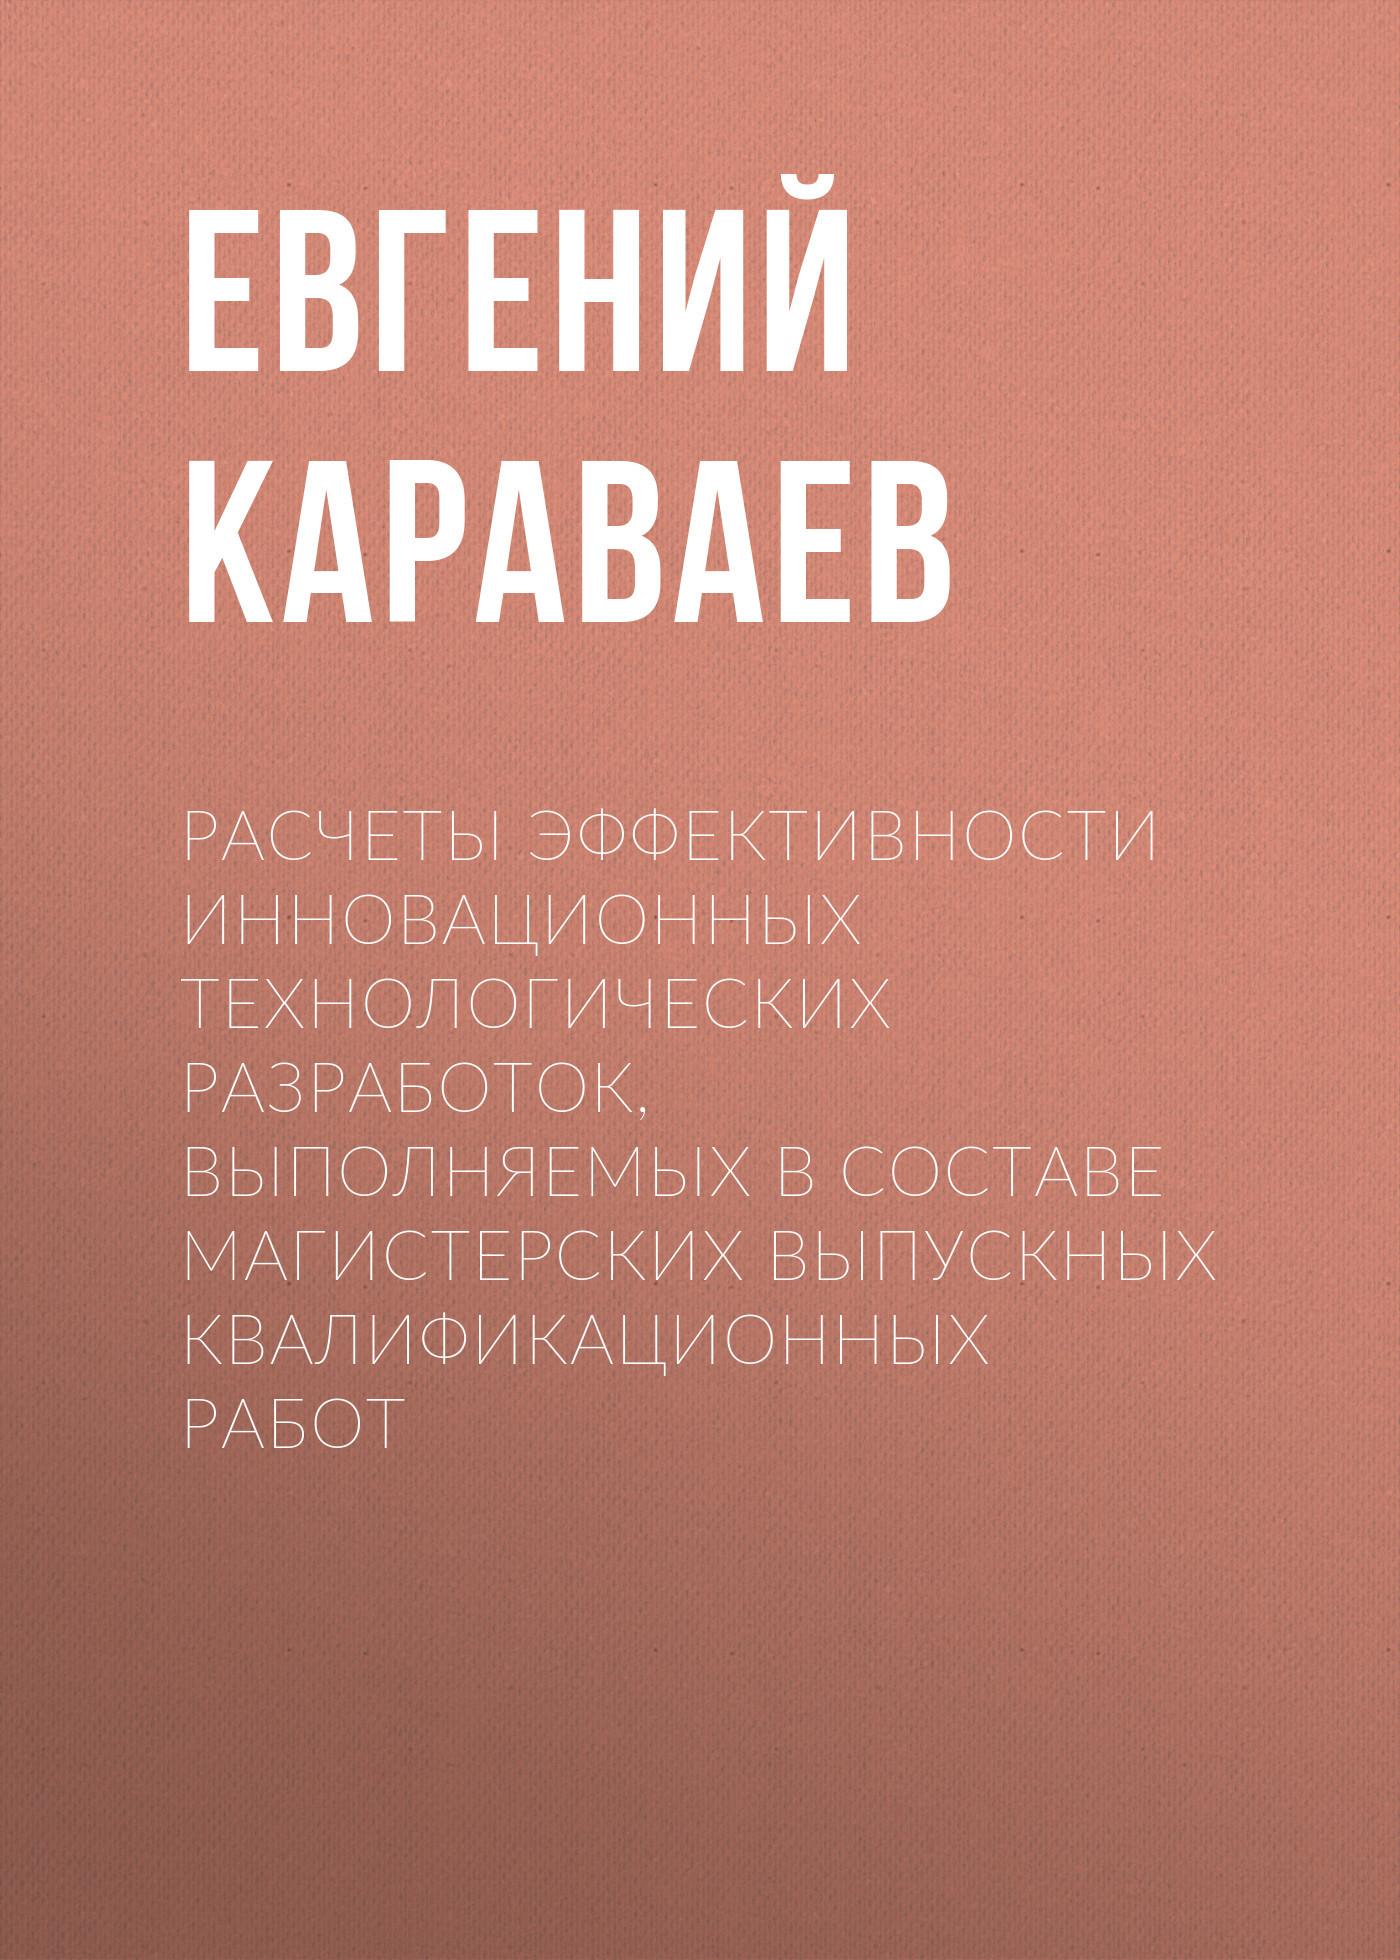 Евгений Караваев. Расчеты эффективности инновационных технологических разработок, выполняемых в составе магистерских выпускных квалификационных работ